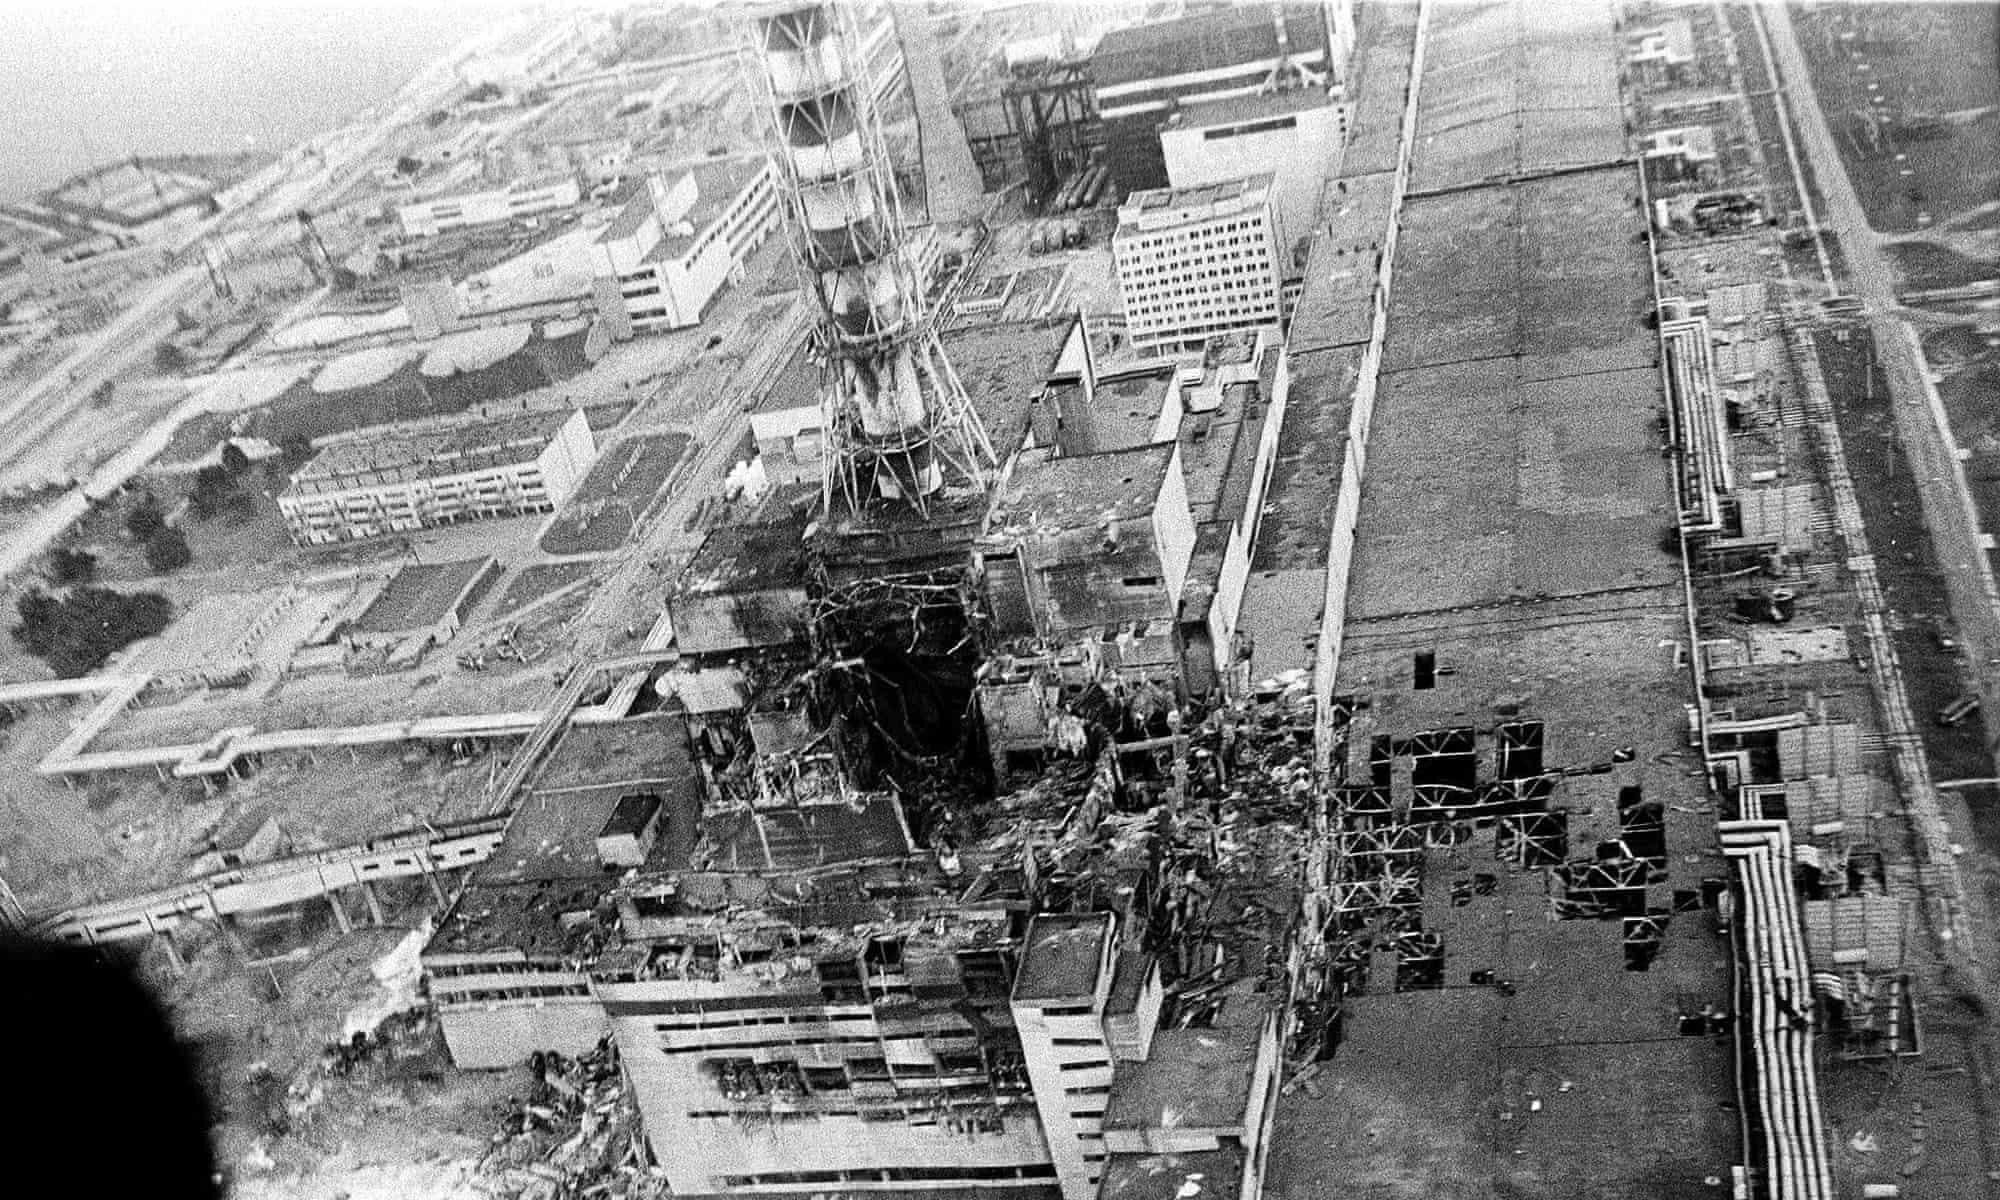 Chernobyl_b-w_(1).jpg